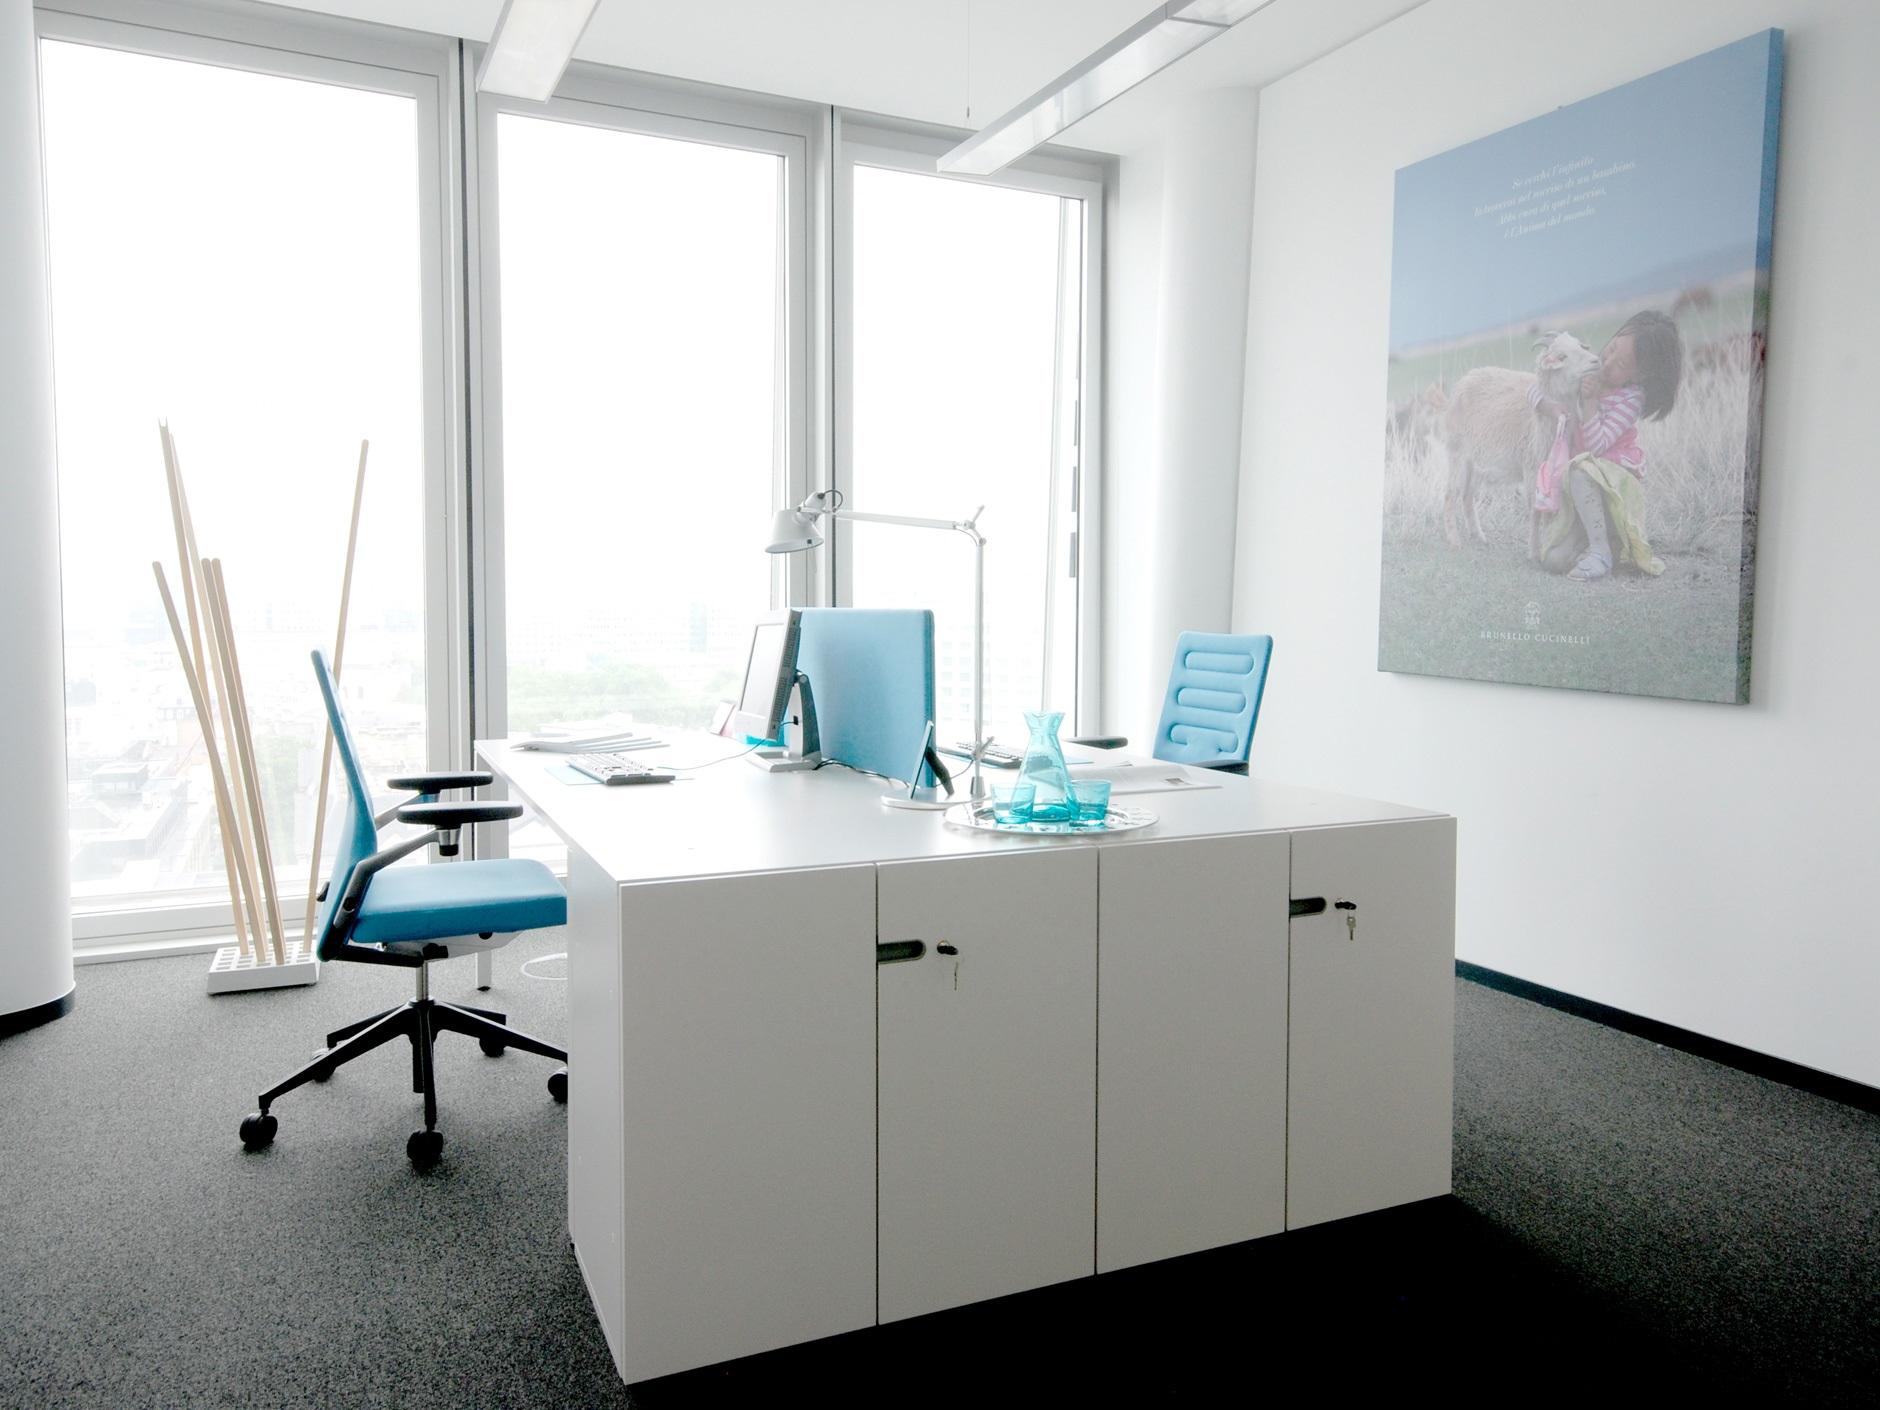 Modernes büro design  Moderne Büros einrichten und planen - Worin sich moderne ...